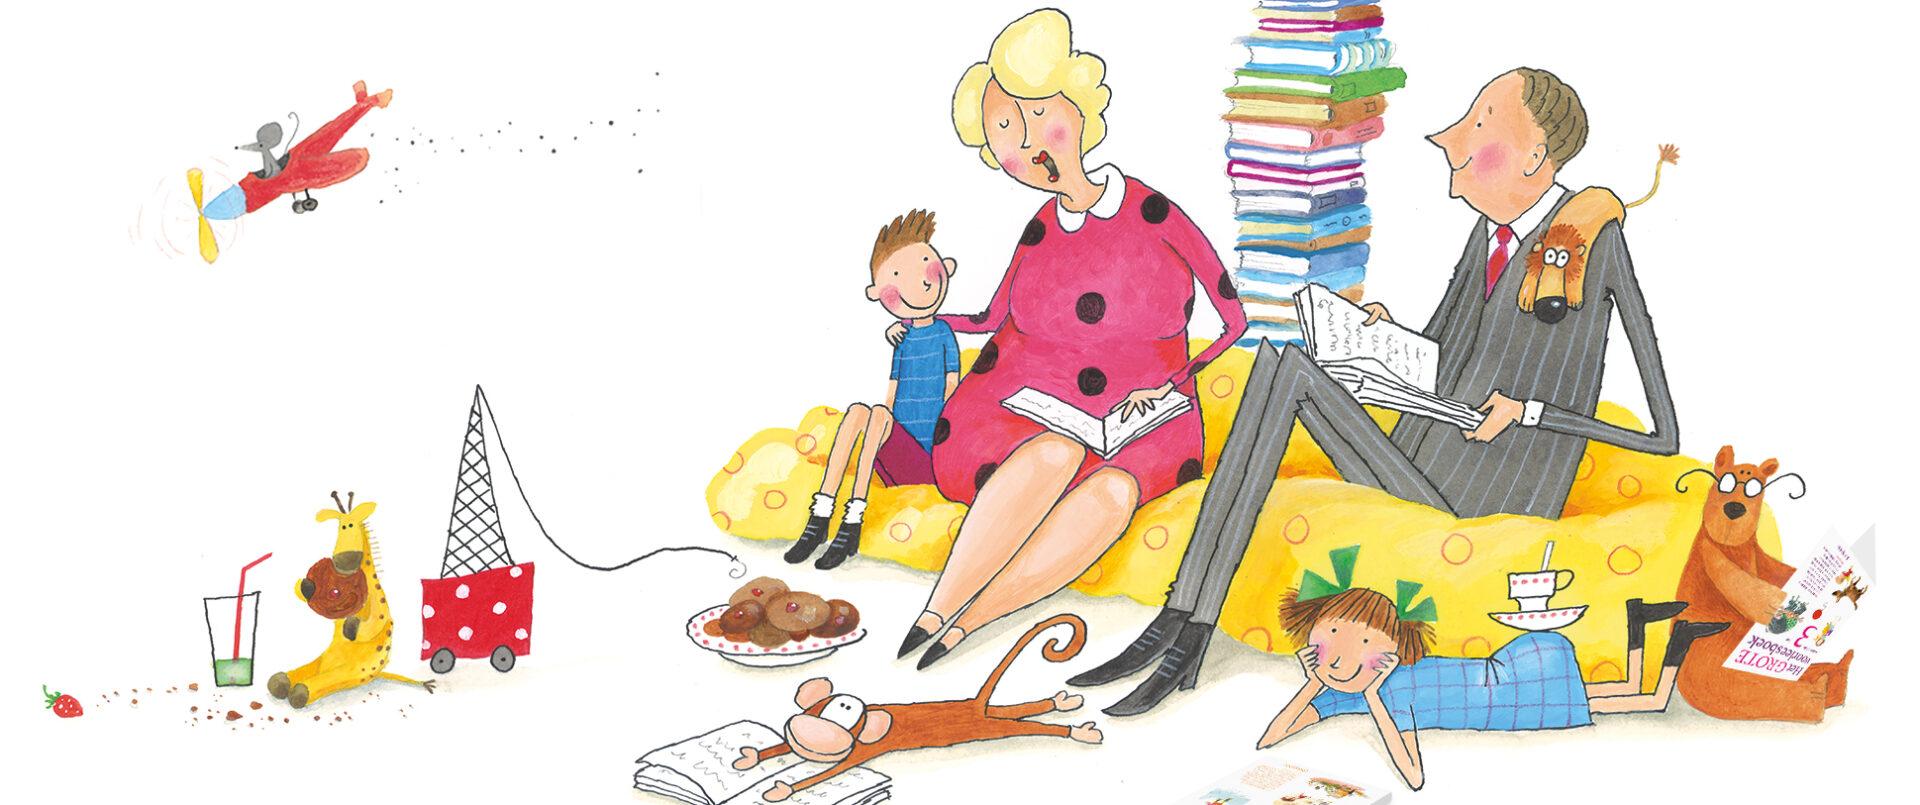 Voorlezen - De mooiste voorleesbundels - Illustratie door Jeska Verstegen